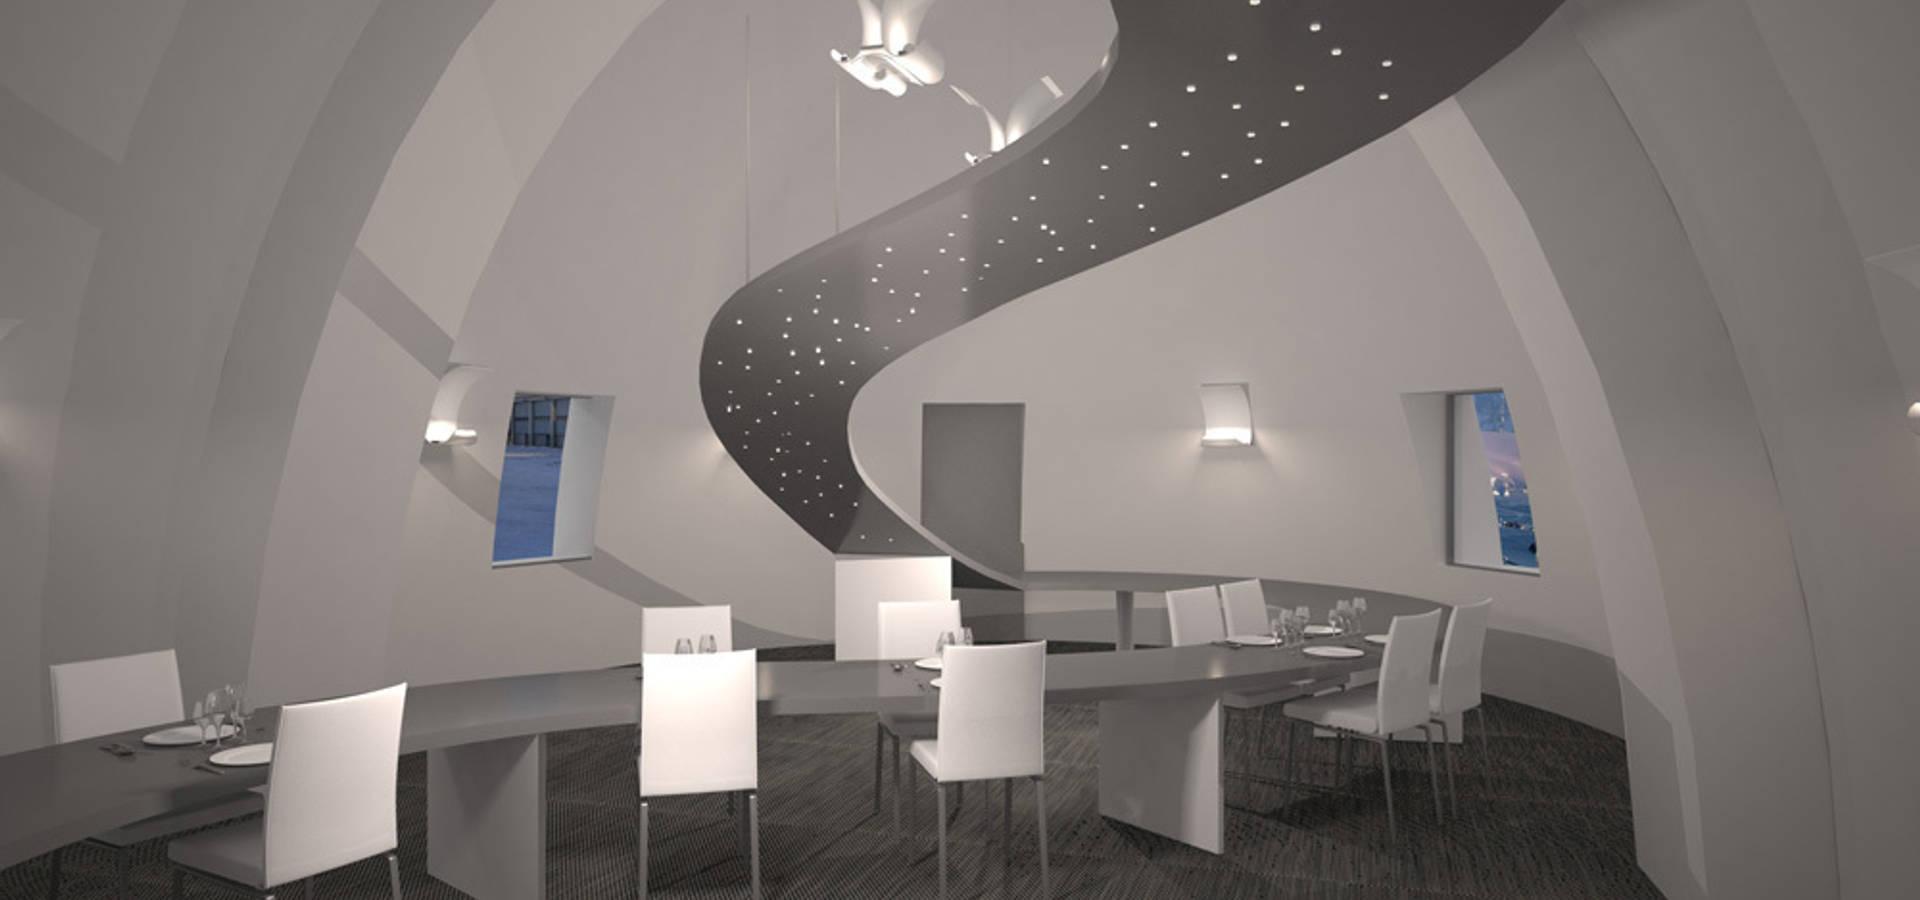 Ac architecture architectes d 39 int rieur paris sur homify for Architectes d interieur paris